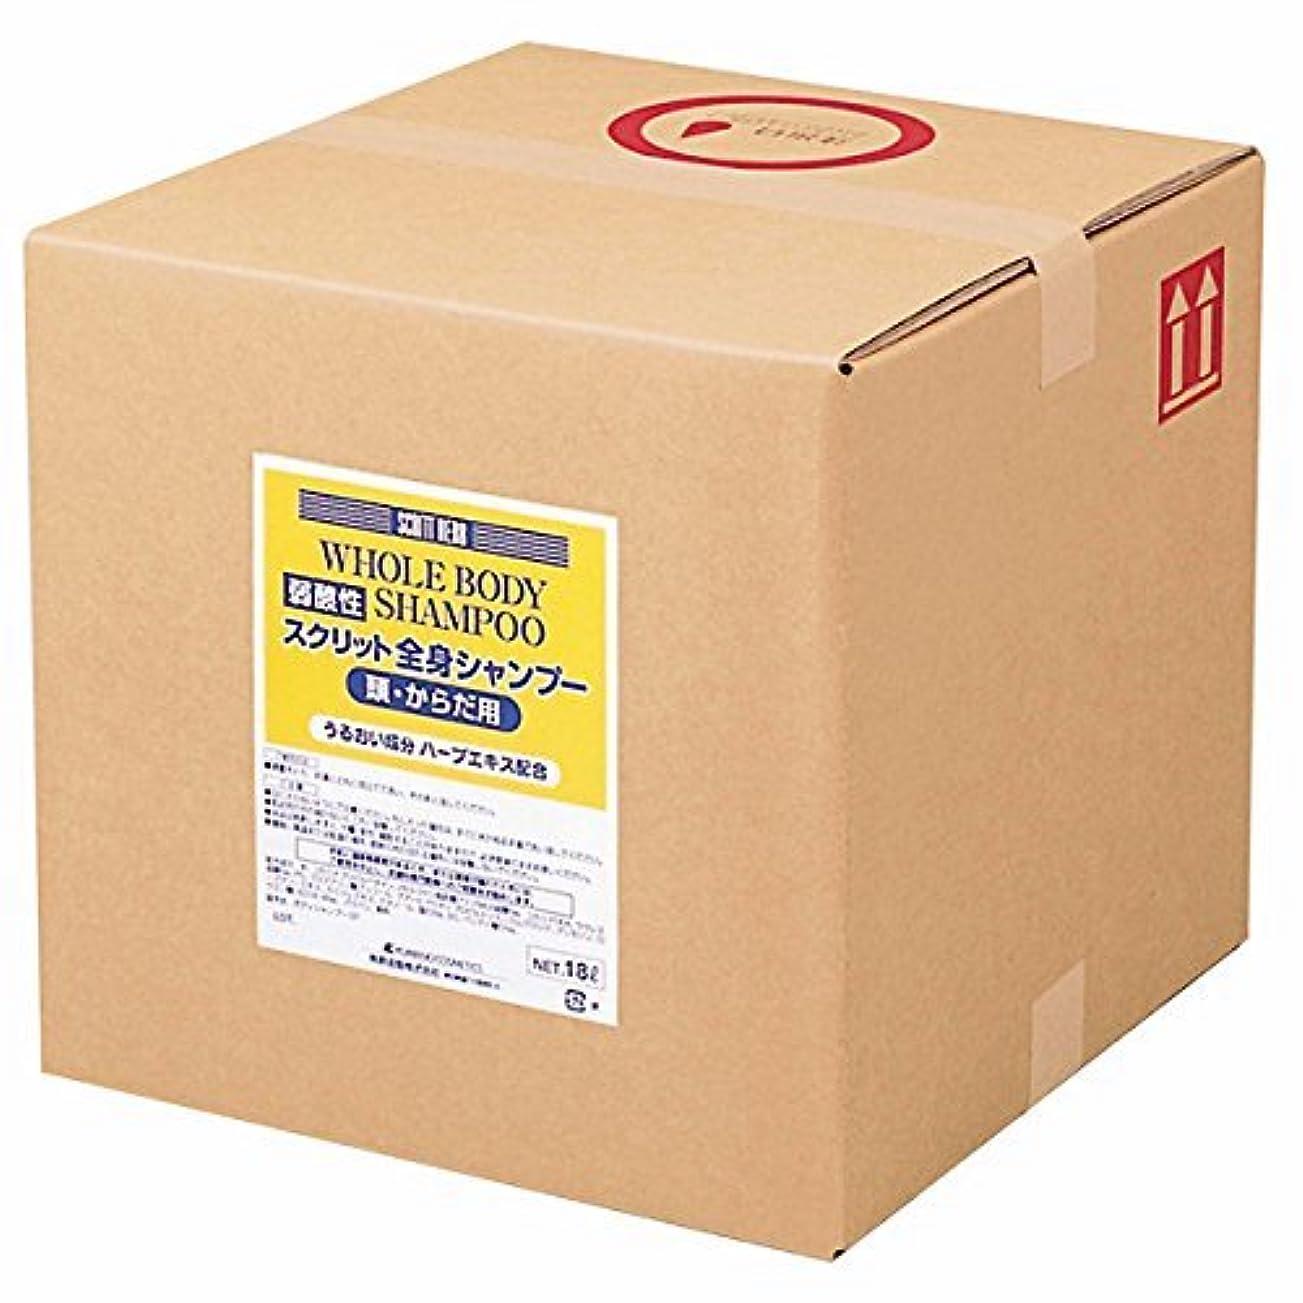 トランジスタ女将確立します熊野油脂 業務用 SCRITT(スクリット) 全身シャンプー 18L